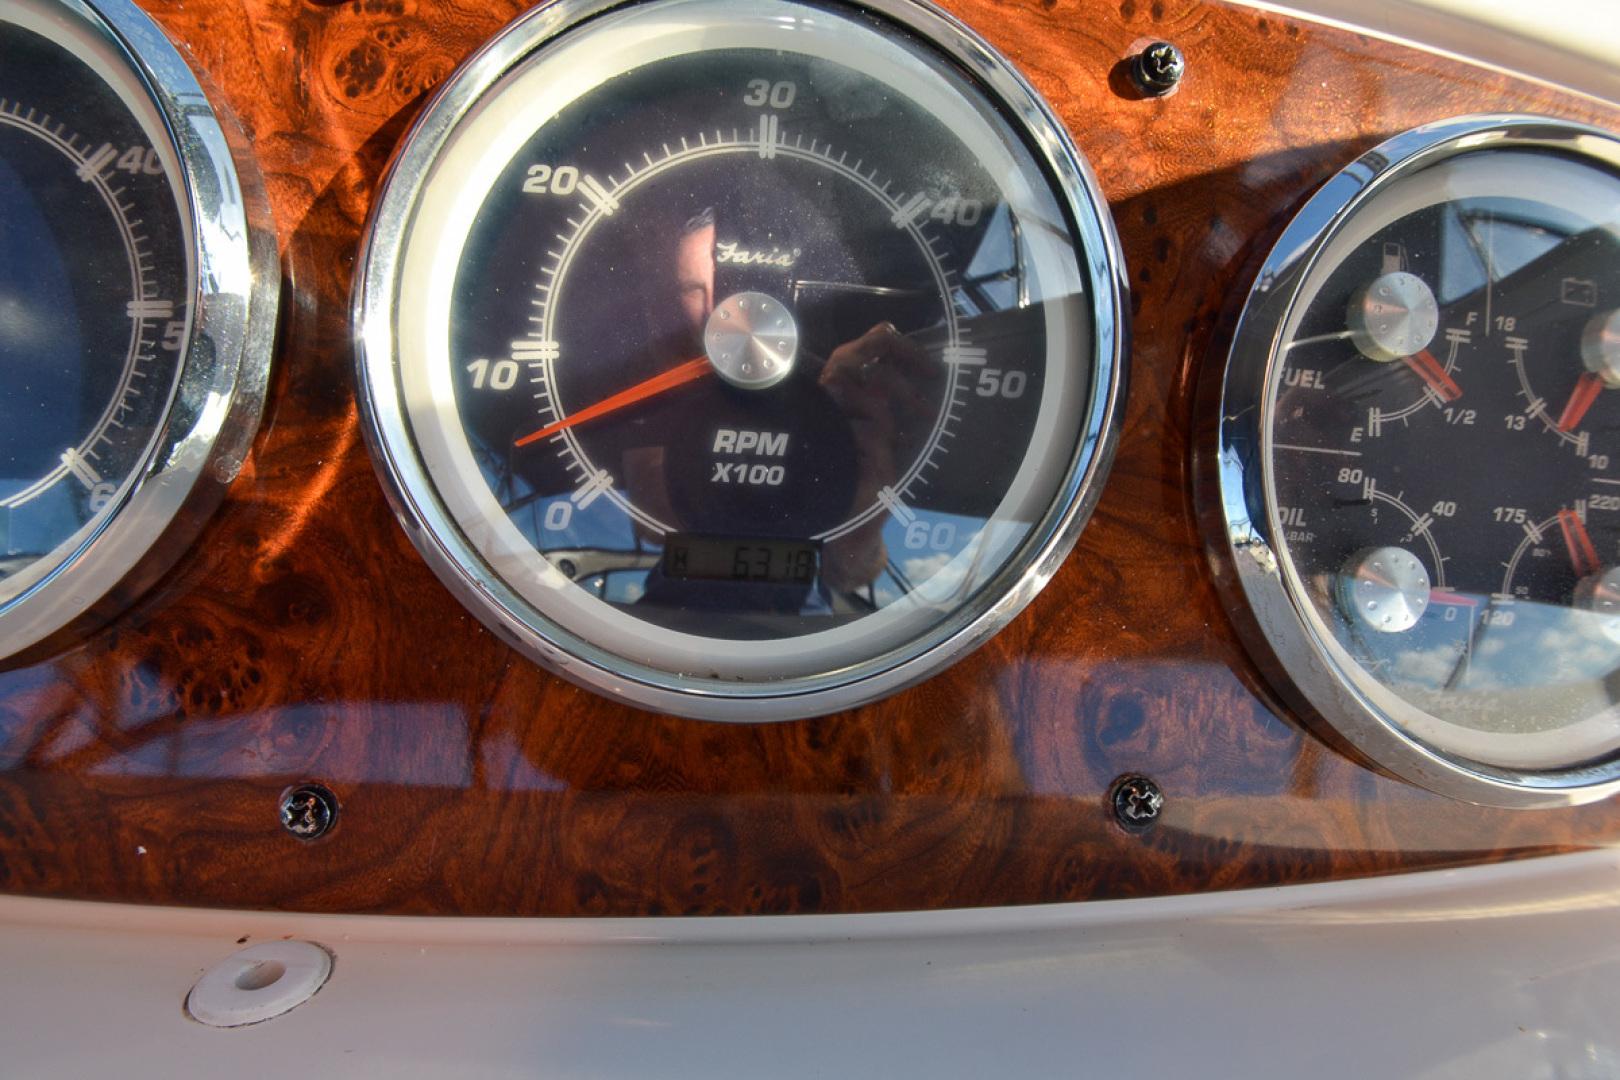 Meridian-341 Sedan 2004-Sea Harmony Belleair Beach-Florida-United States-1496640 | Thumbnail